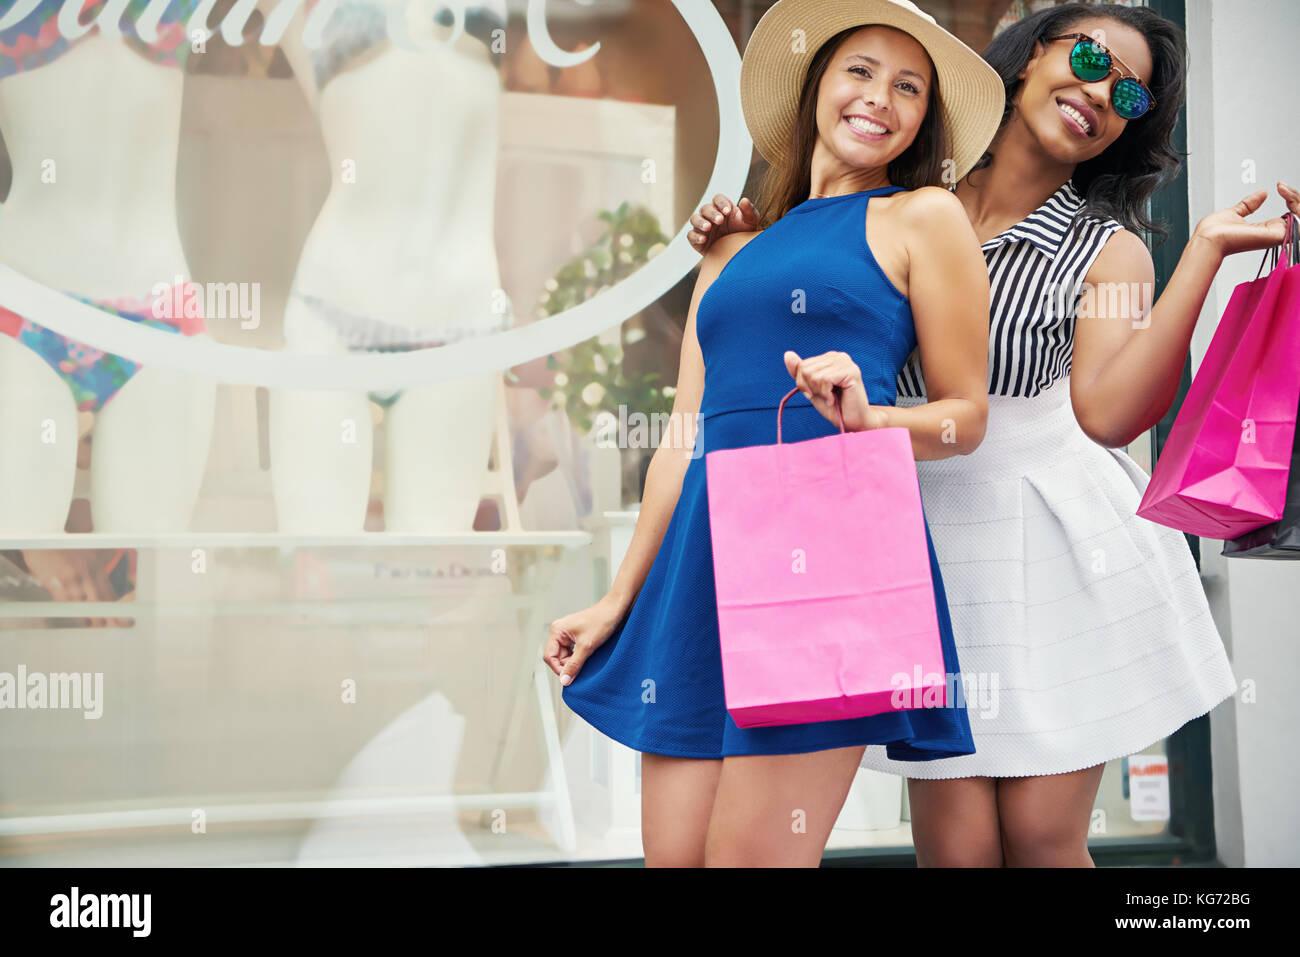 Coppia di belle giovani donne adulte in gonne corte azienda rosa shopping bags con spazio di copia Foto Stock